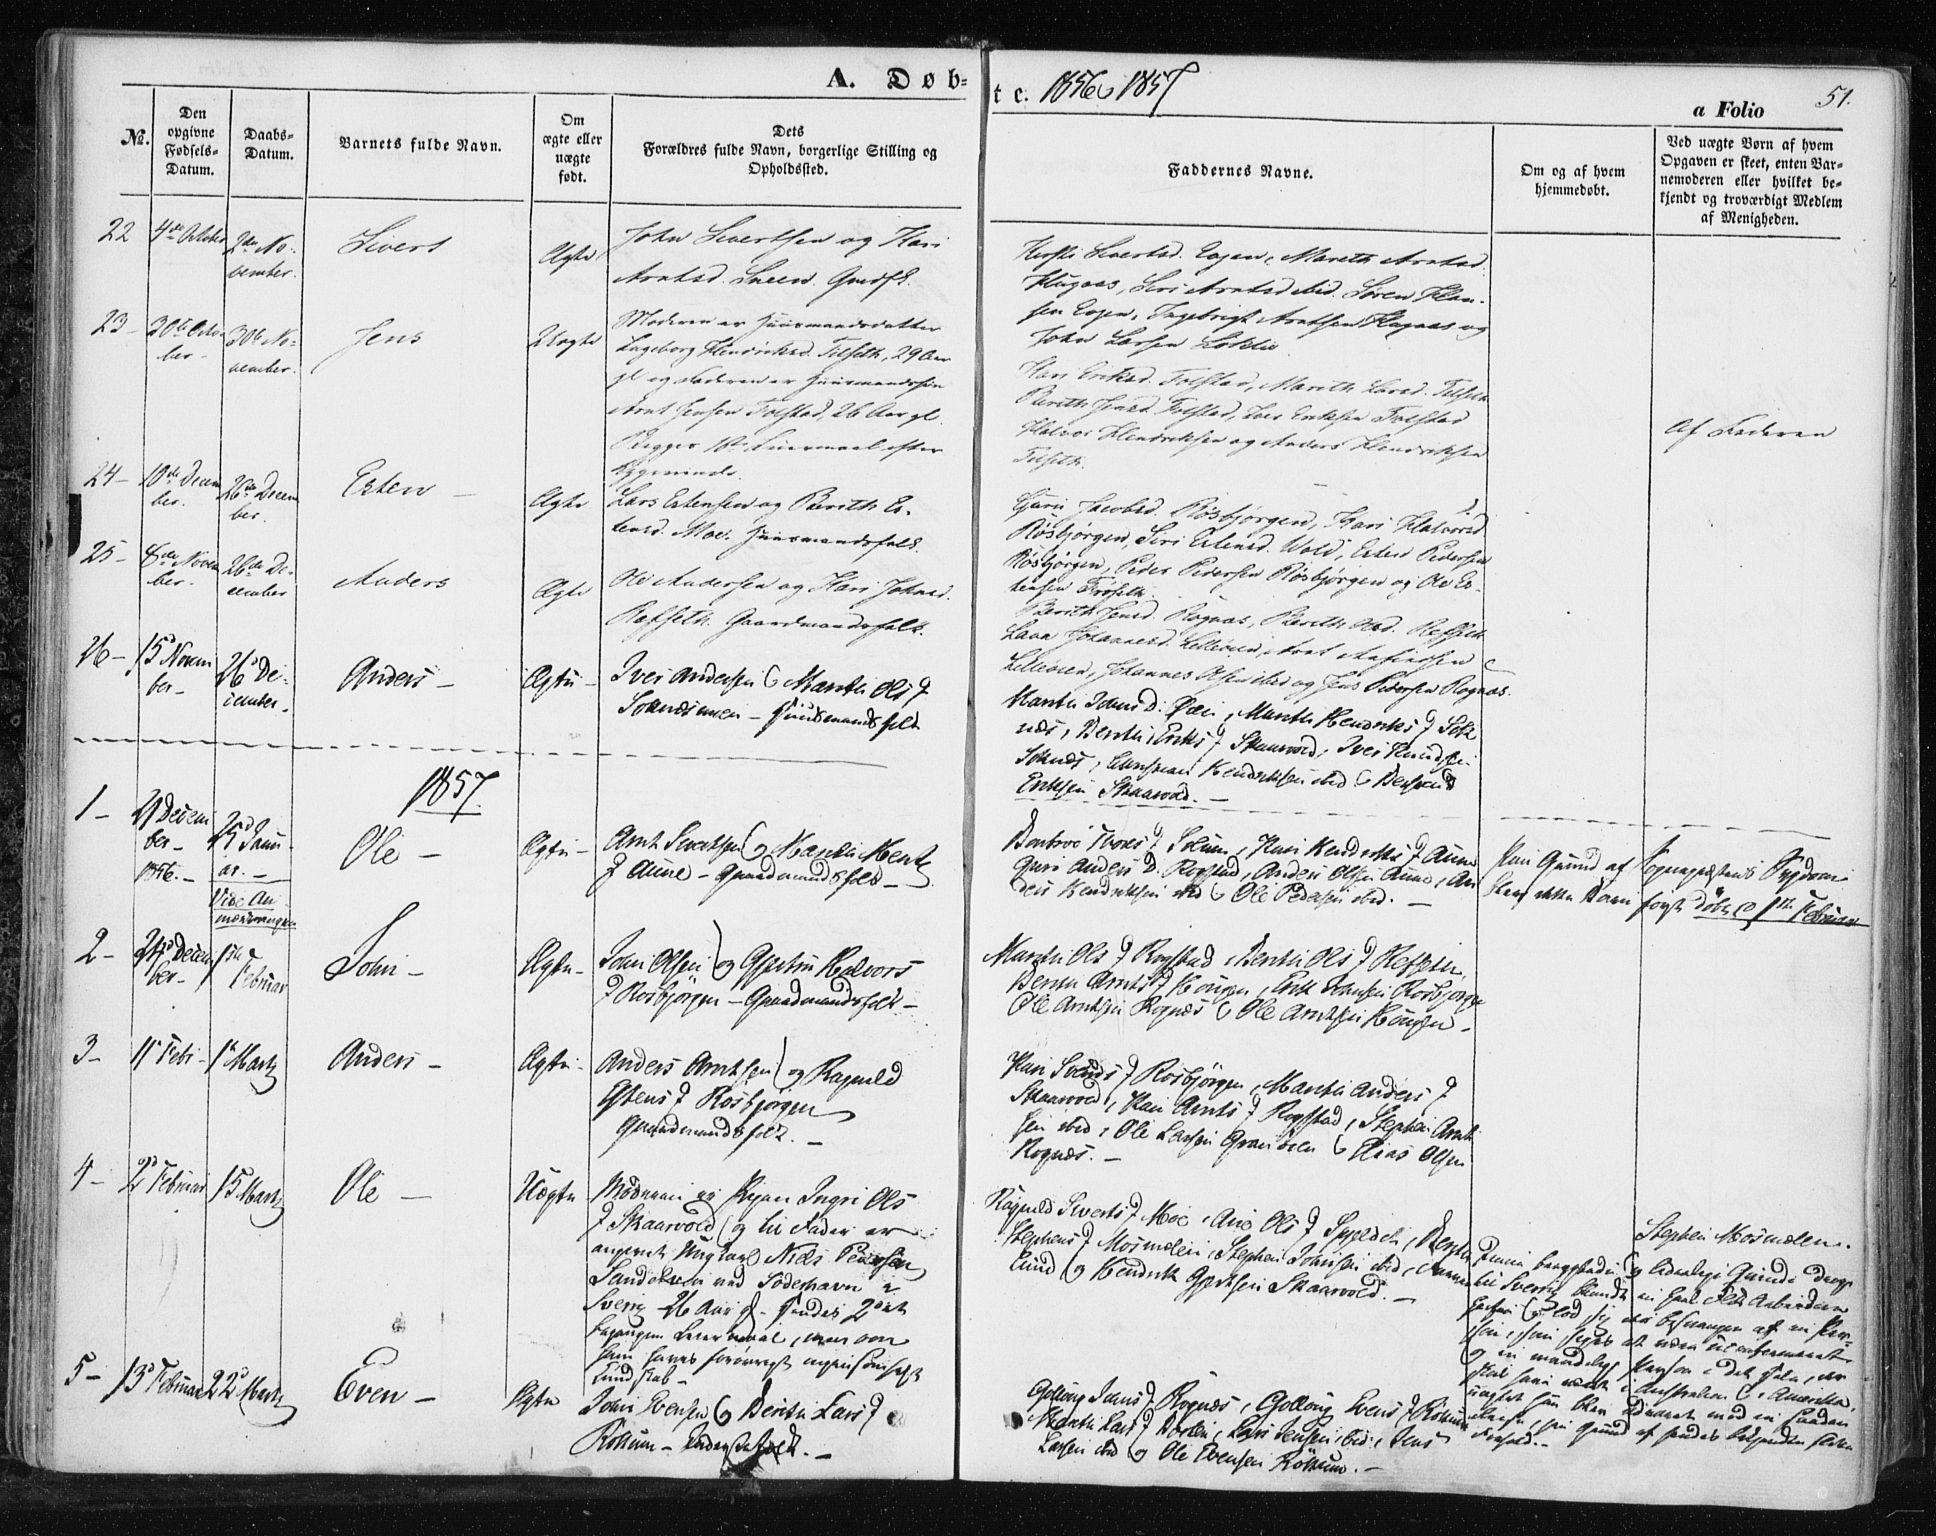 SAT, Ministerialprotokoller, klokkerbøker og fødselsregistre - Sør-Trøndelag, 687/L1000: Ministerialbok nr. 687A06, 1848-1869, s. 51